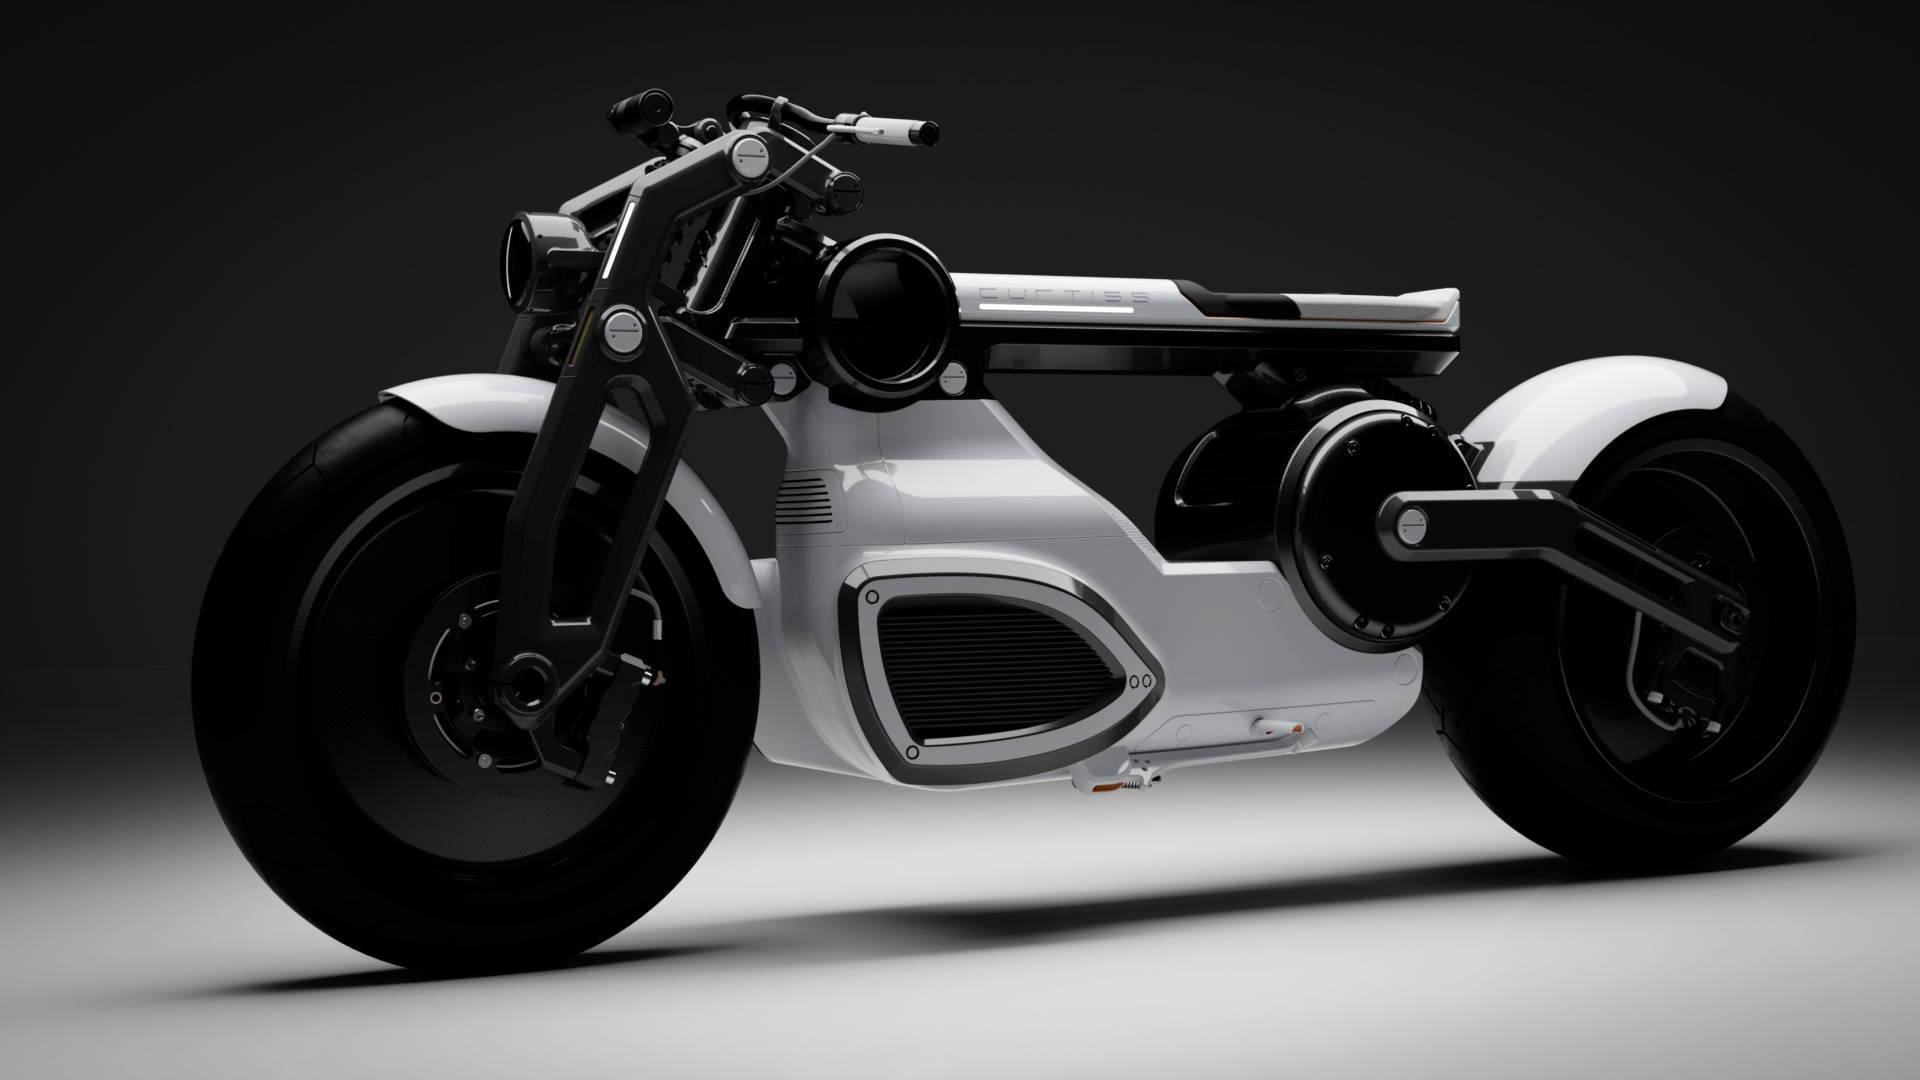 Migliori moto elettriche 2019: la lista completa